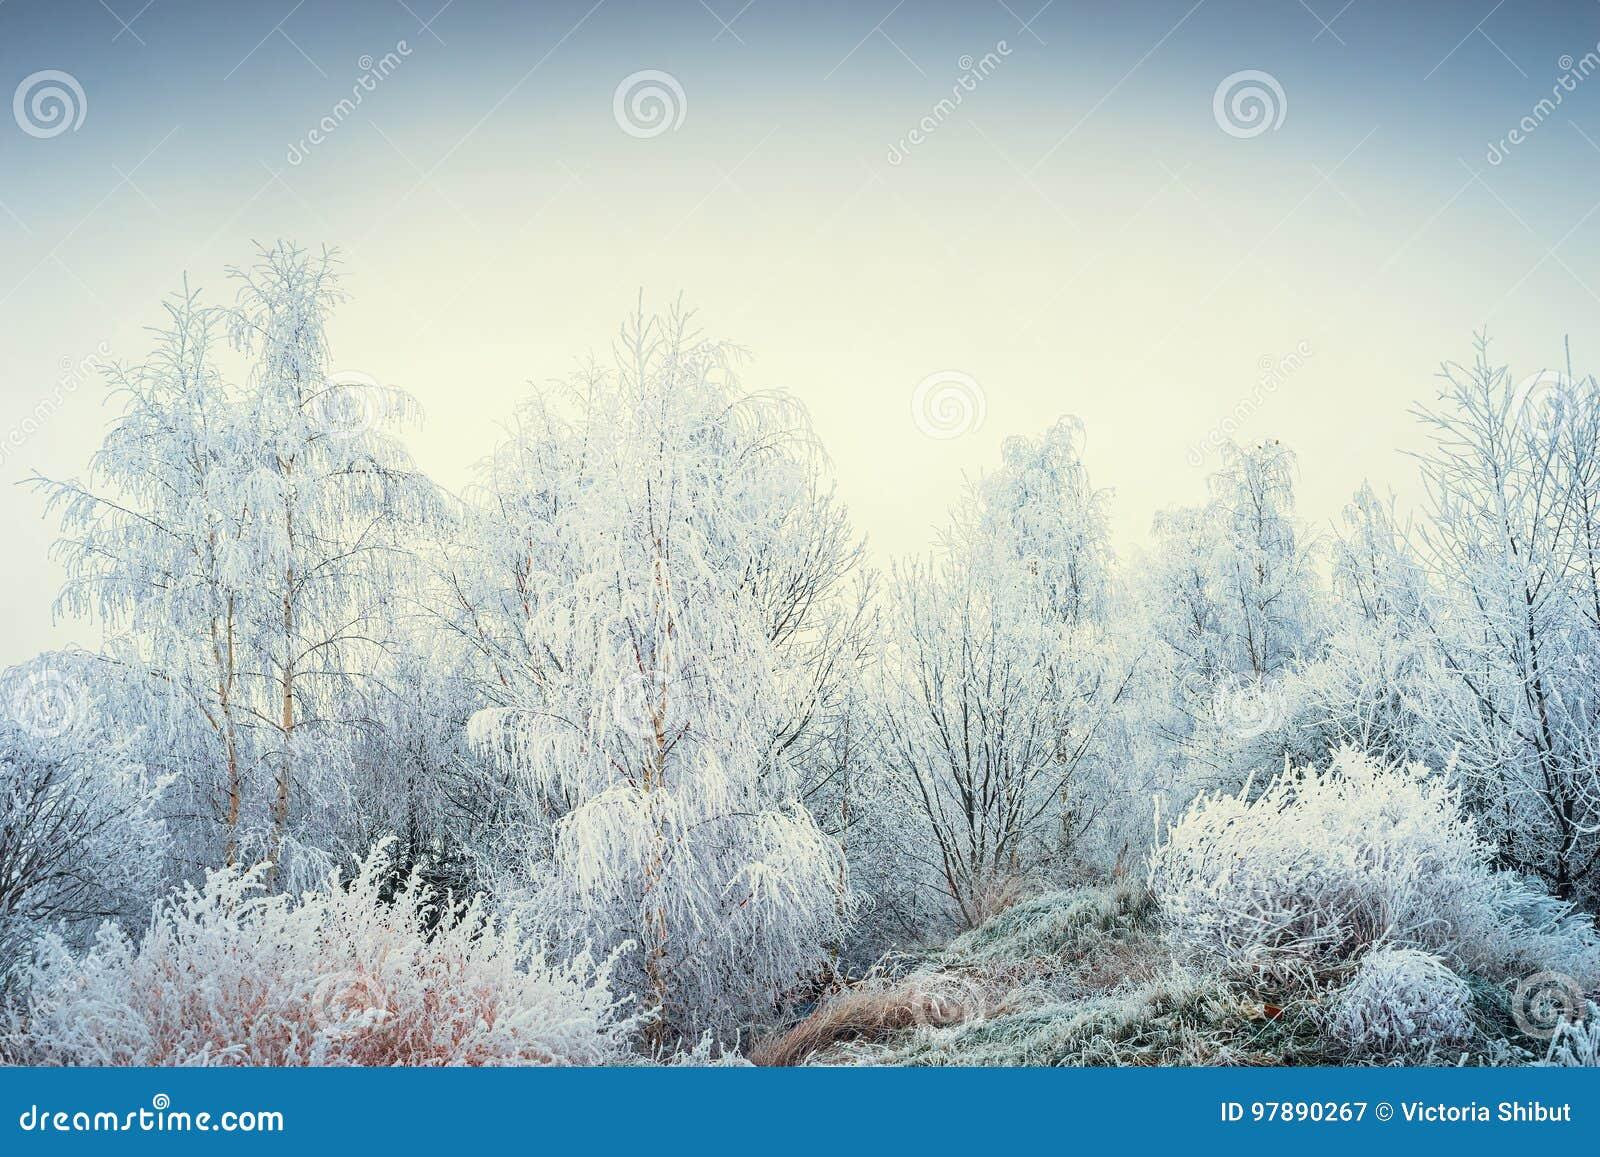 Чудесный ландшафт зимы с снежными деревьями и травами на предпосылке неба